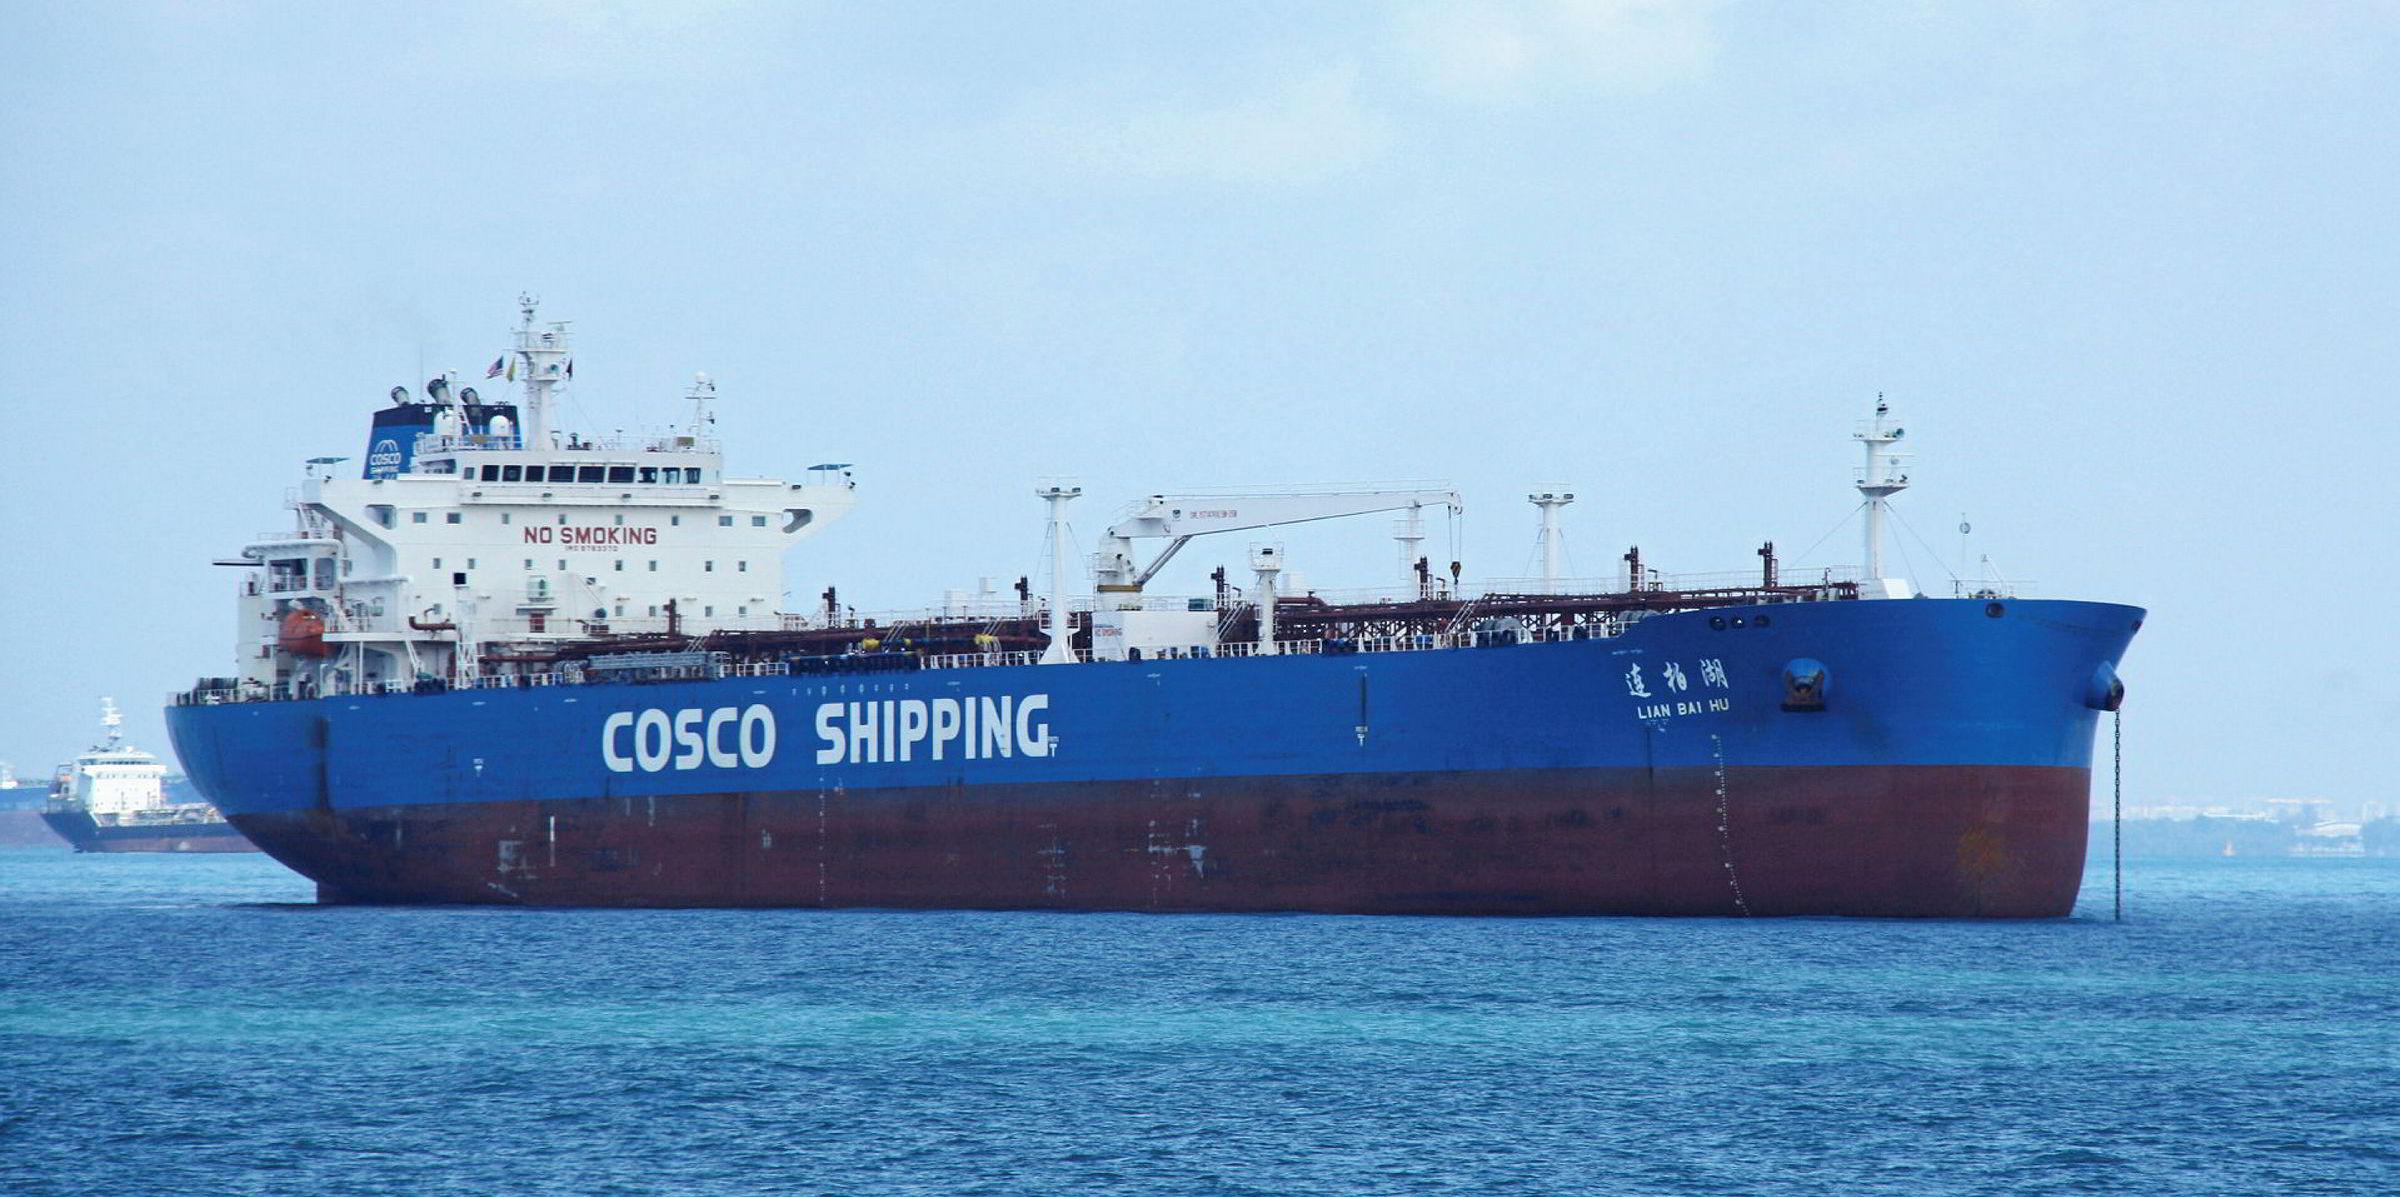 Mỹ cấm tàu chở dầu Trung Quốc làm khủng hoảng thị trường vận chuyển nhiên liệu